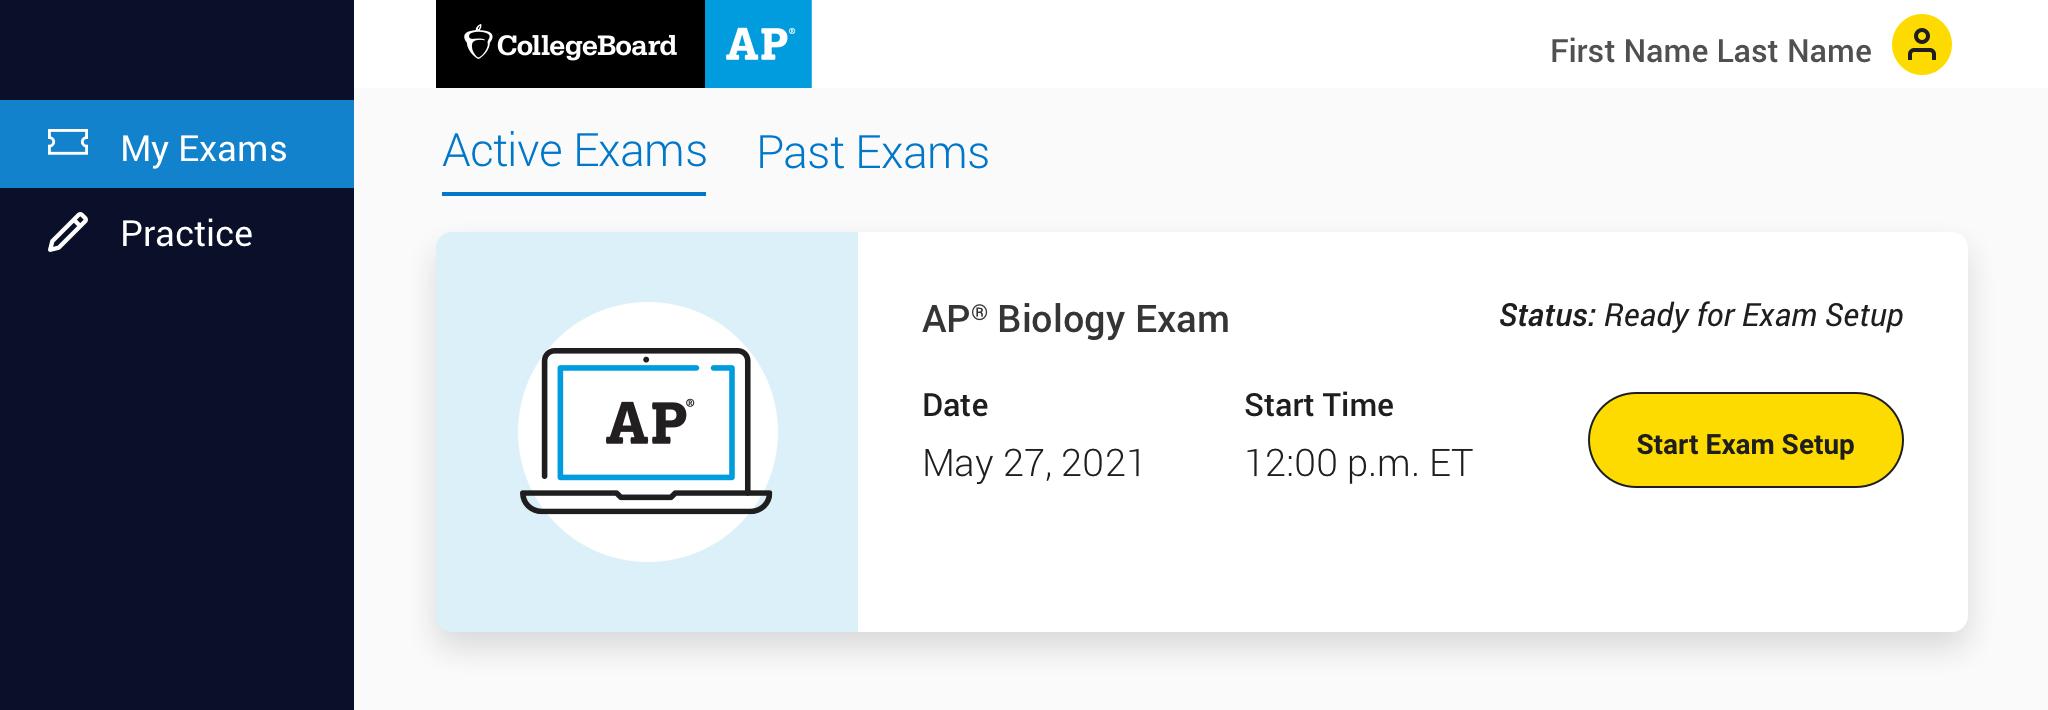 Exam Setup Screen